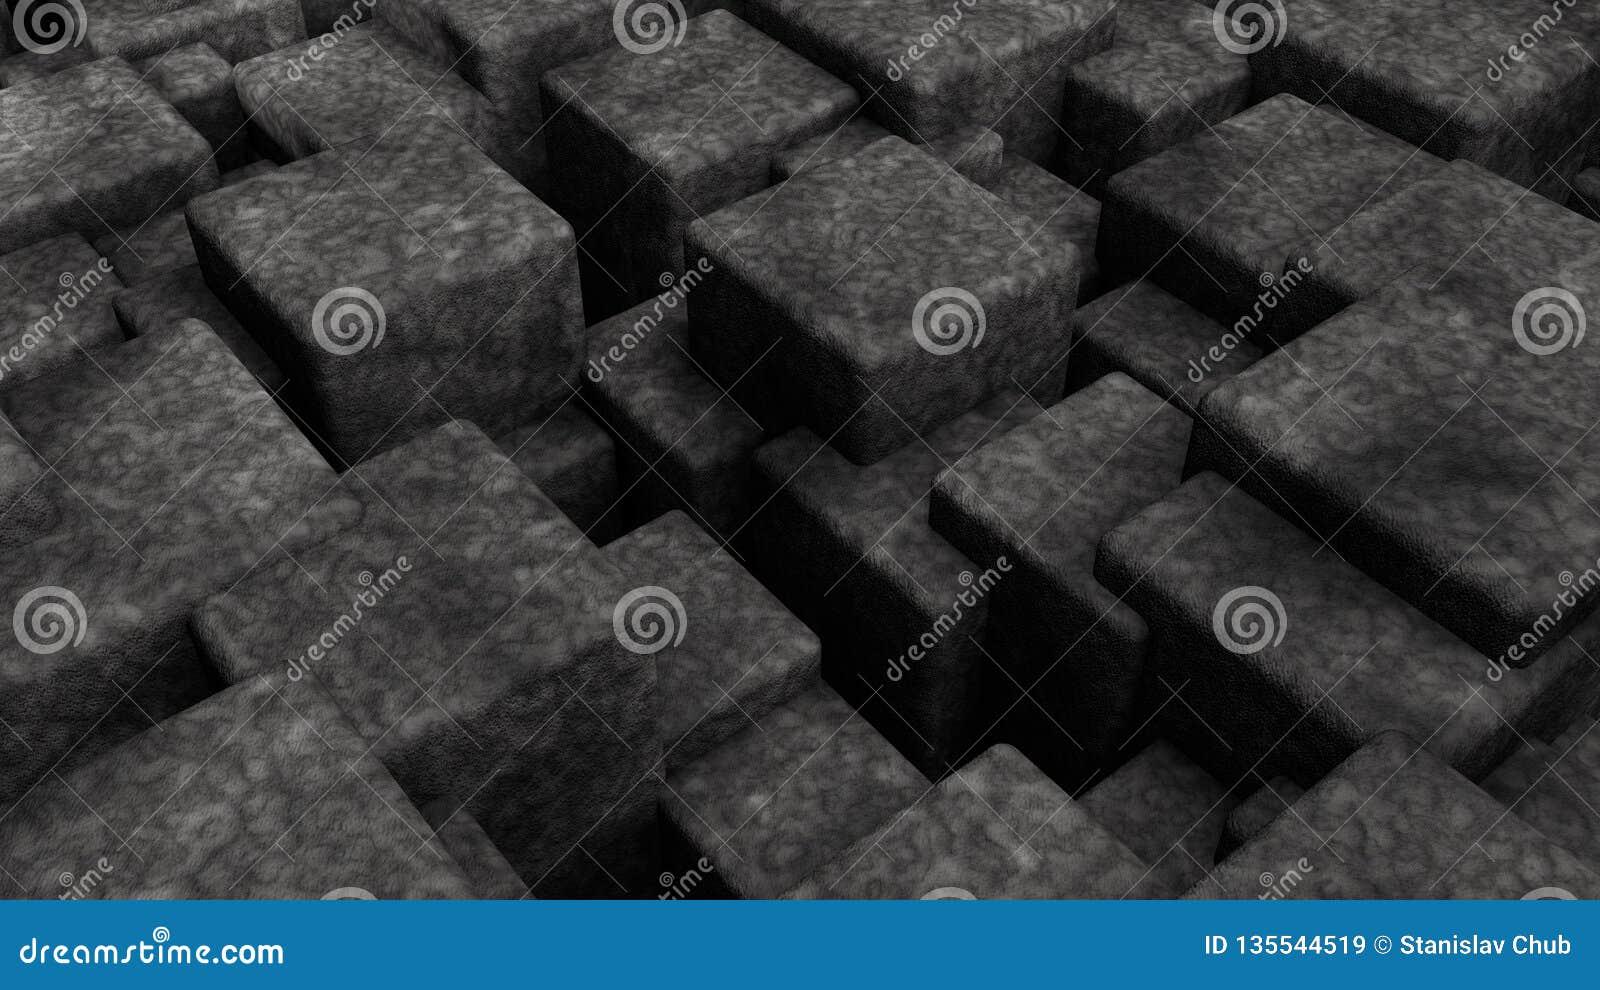 Ilustração 3D do sumário, fundo futurista de muitos cubos diferentes do tamanho rendição 3d de formas geométricas